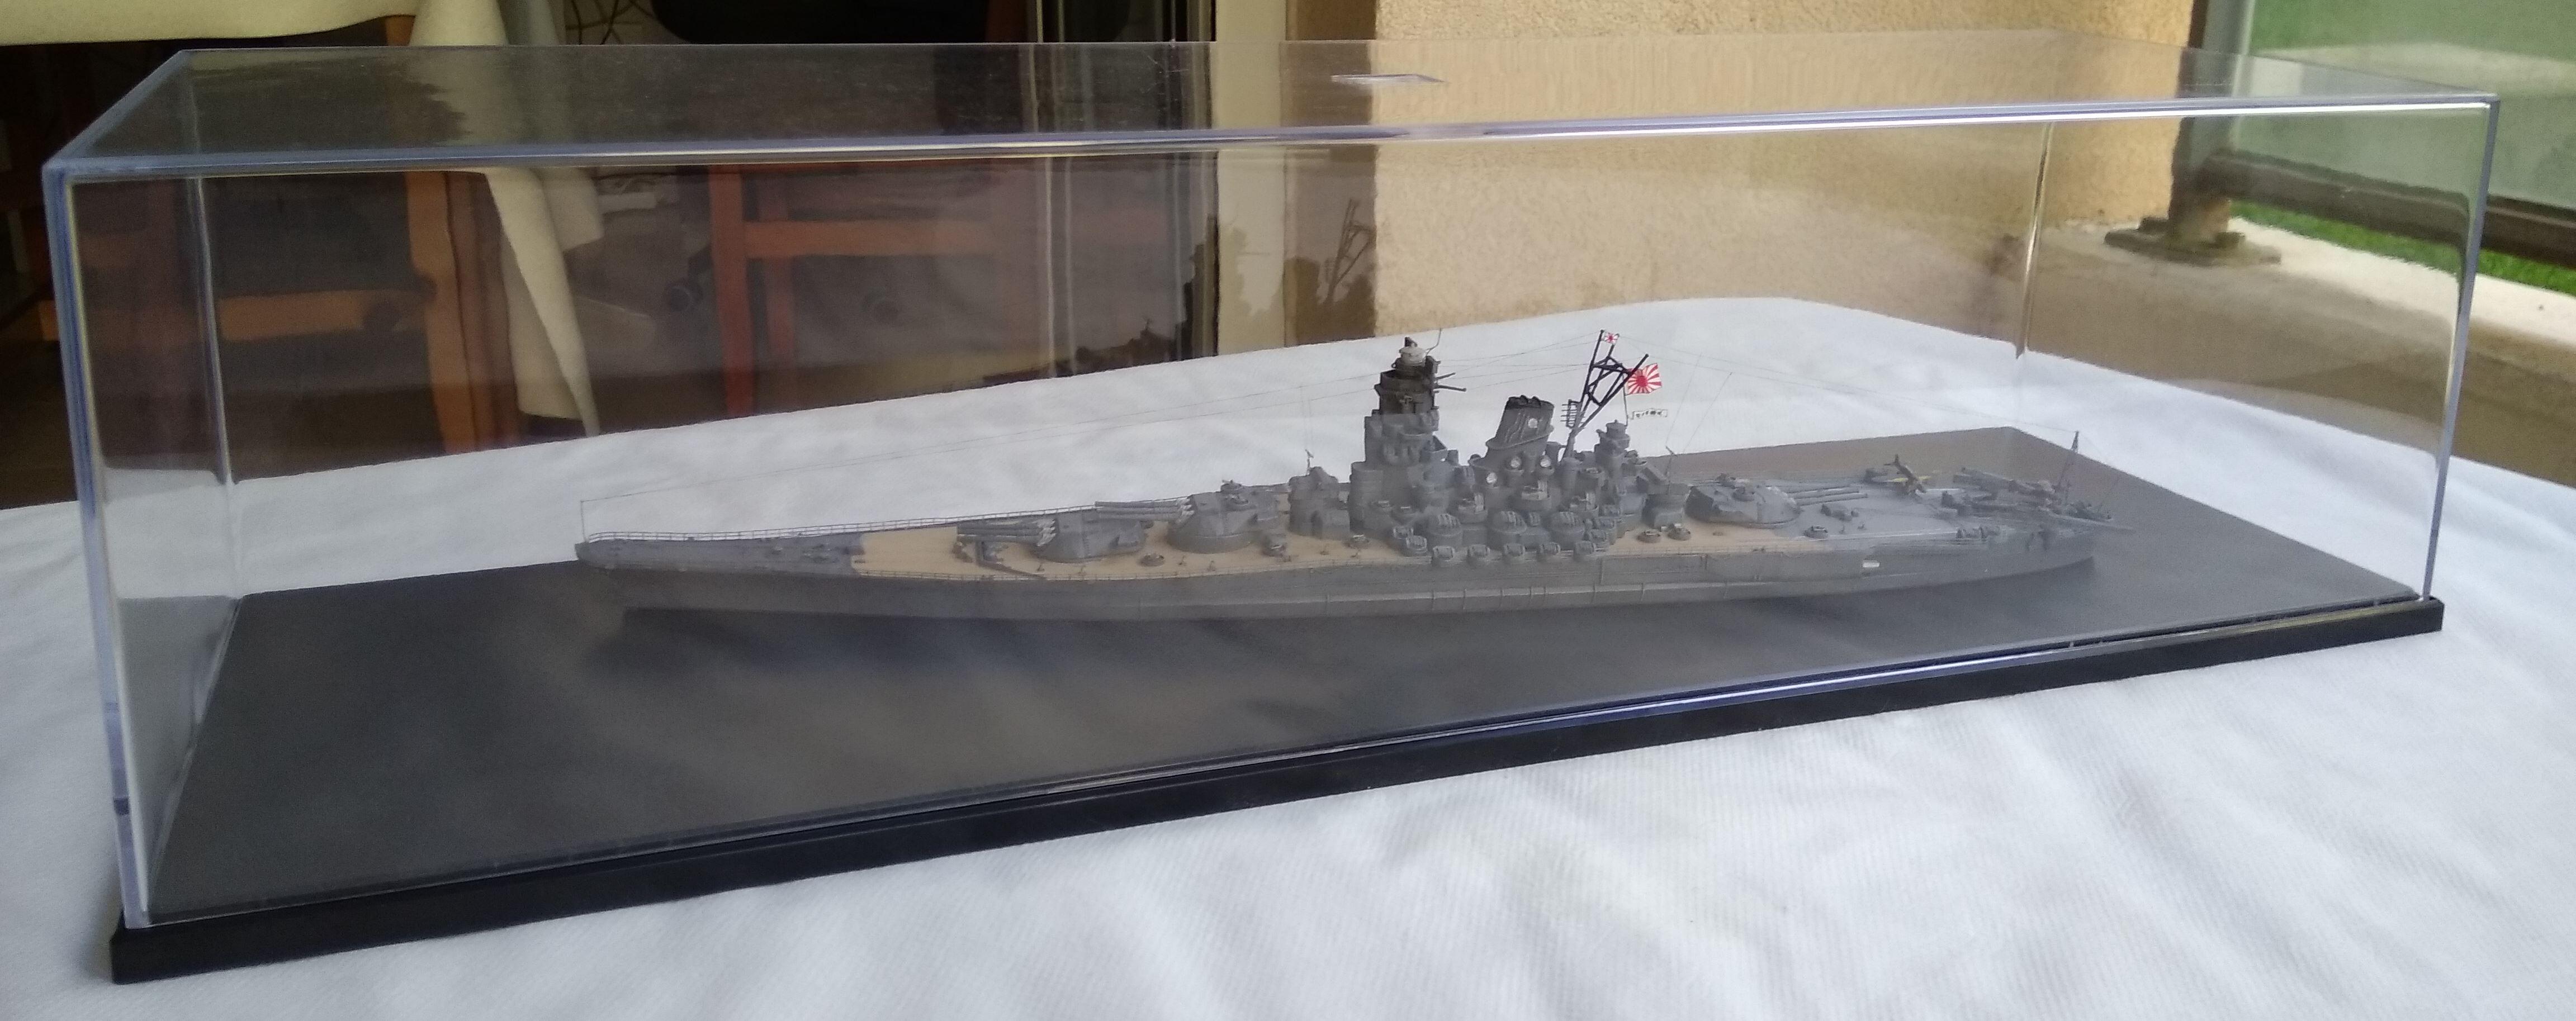 Yamato 1/700e Tamiya Yamato40